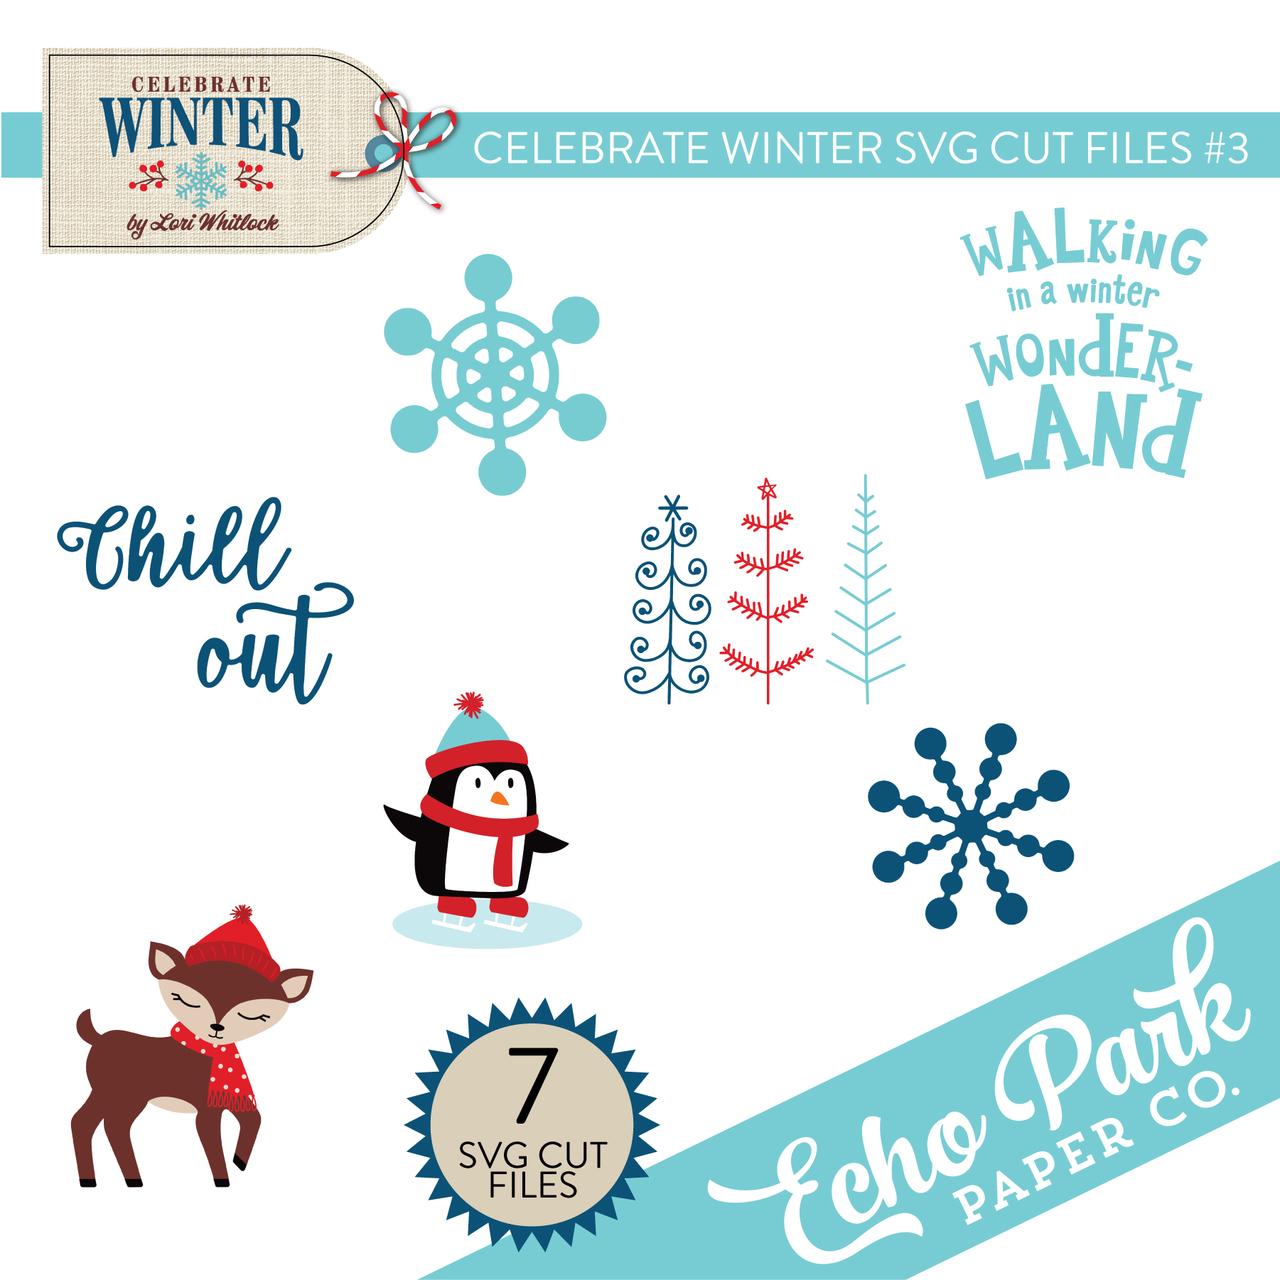 Celebrate Winter SVG Cut Files #3